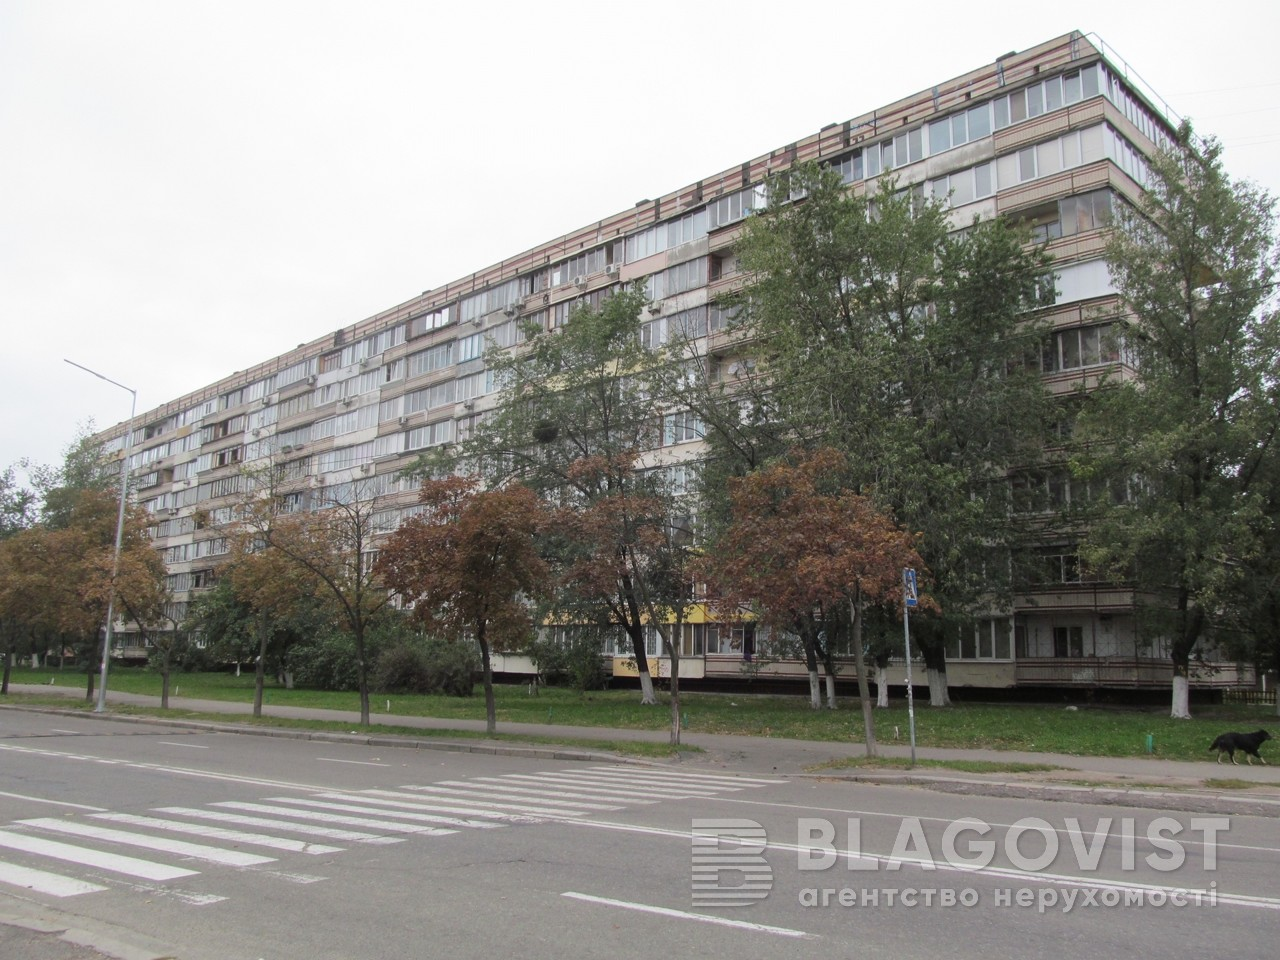 Квартира C-109235, Челябинская, 9, Киев - Фото 1